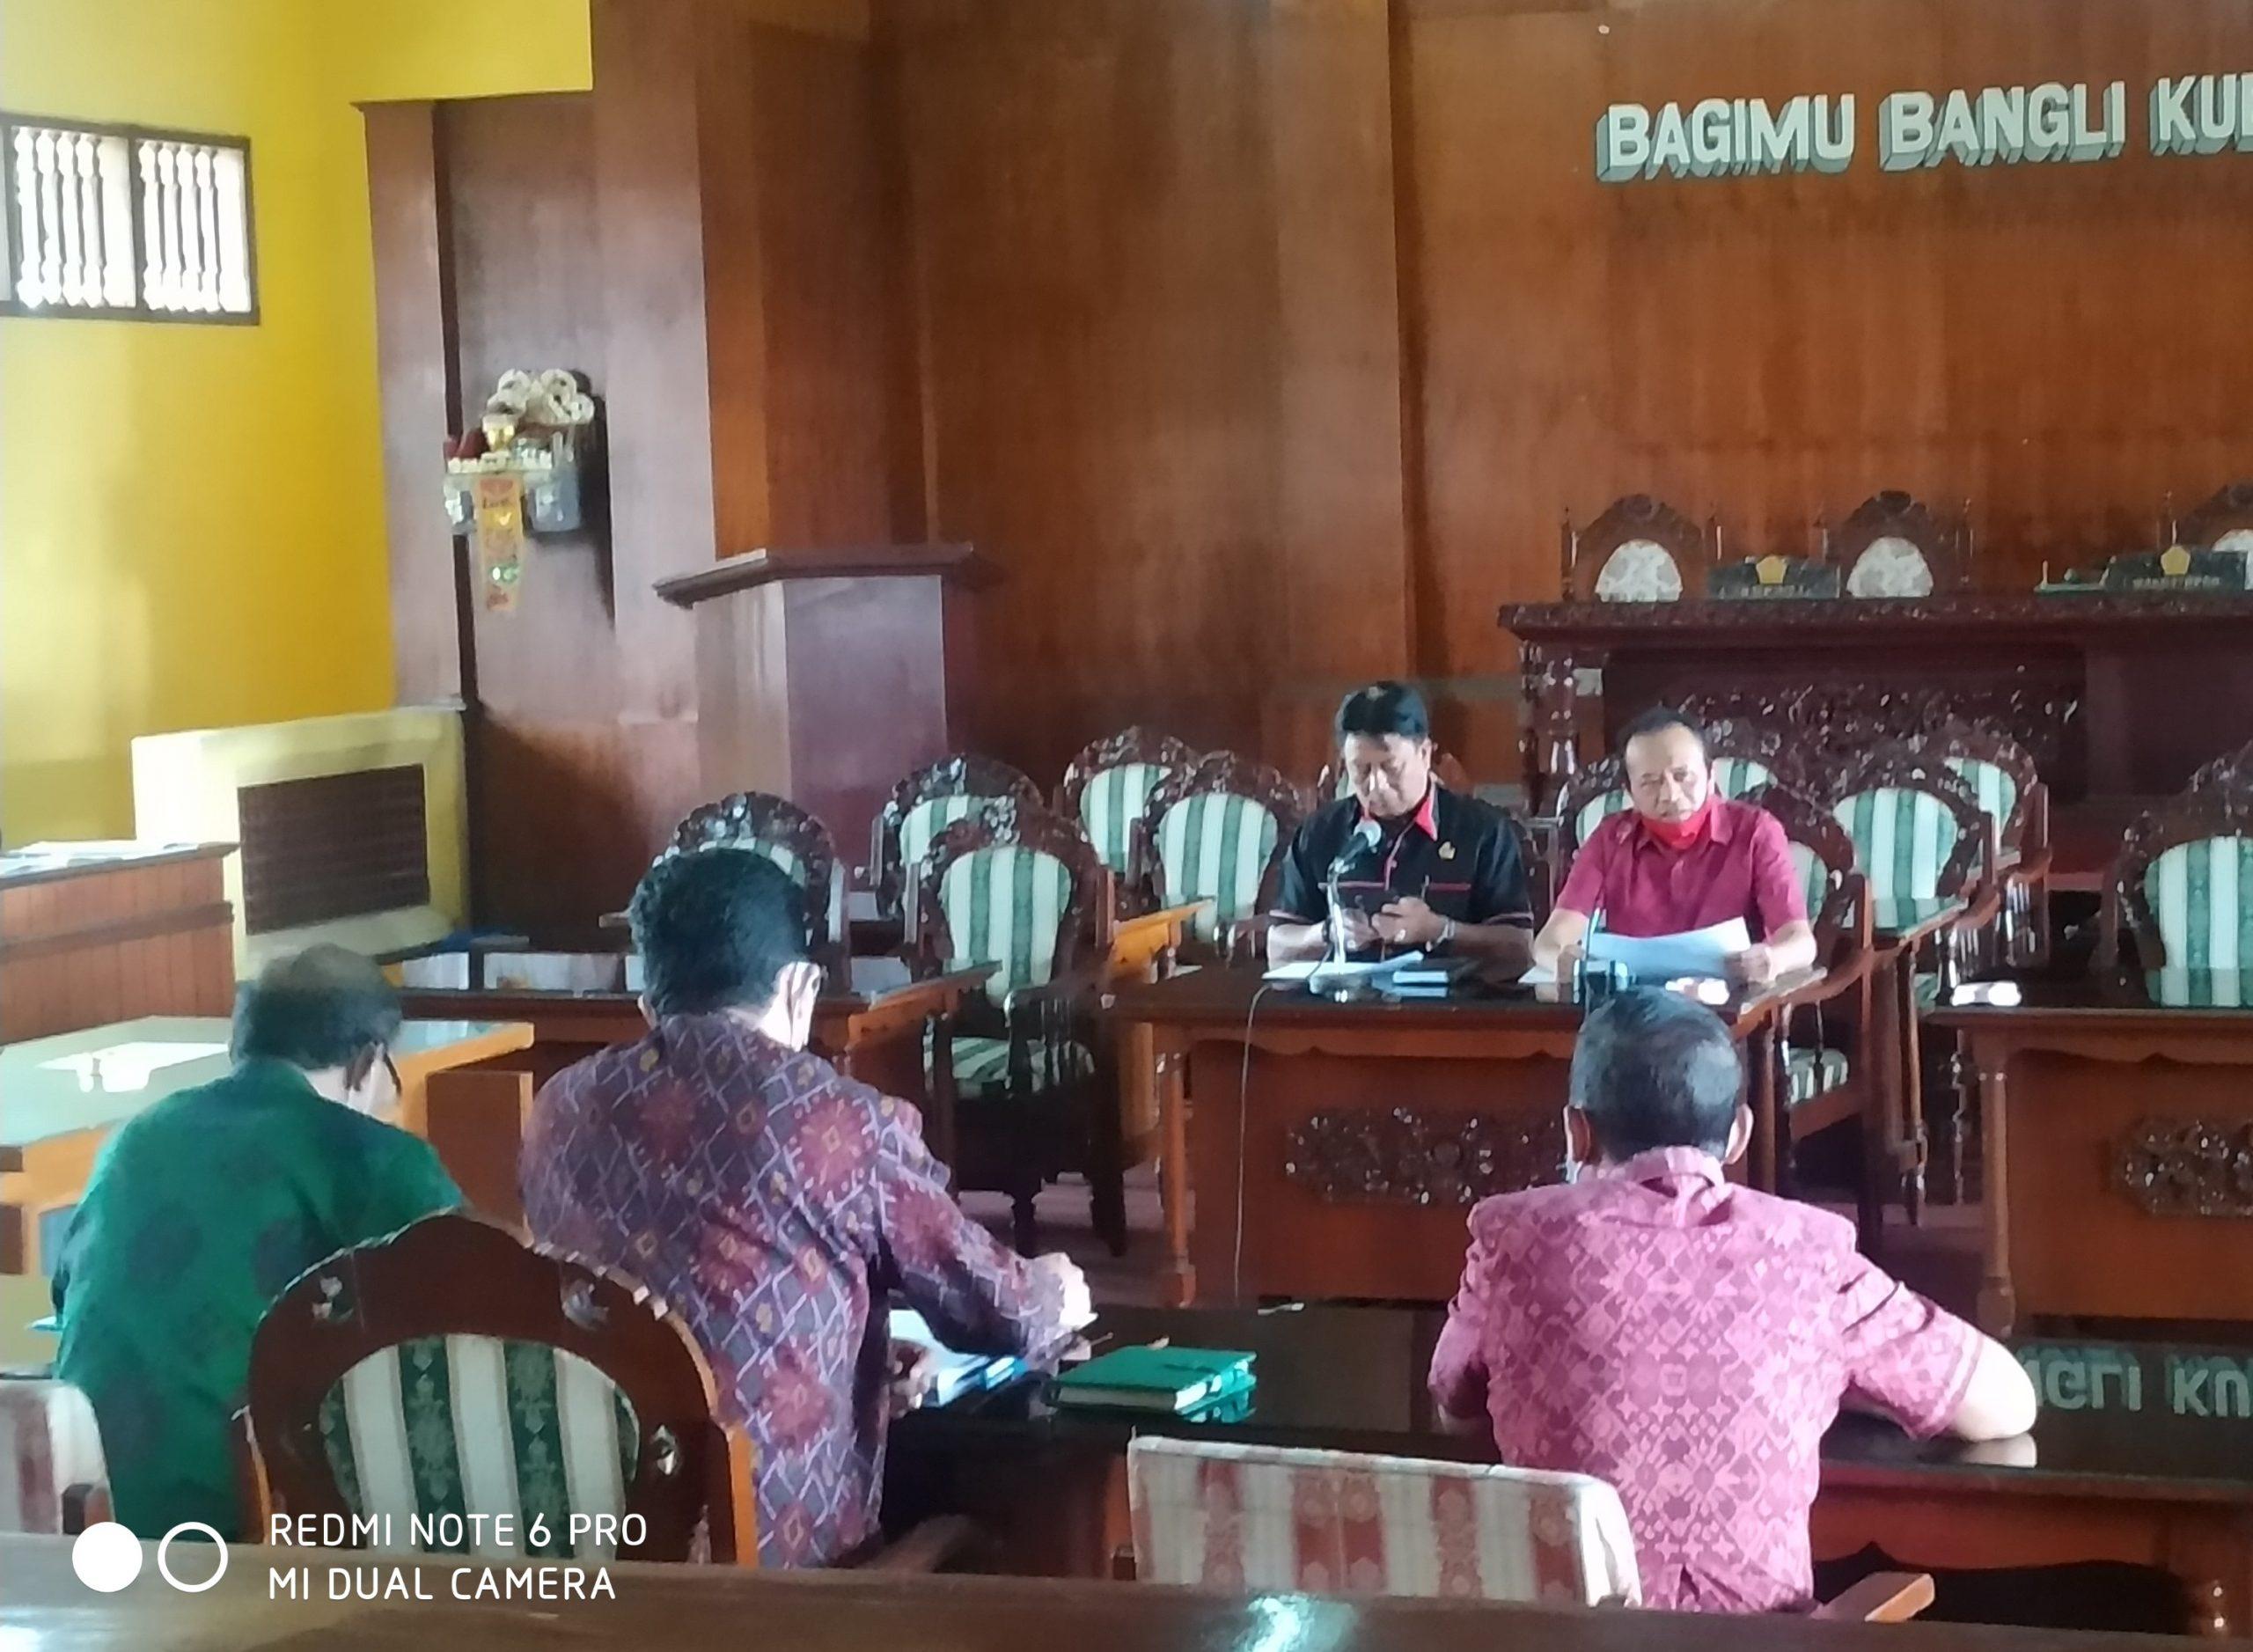 Foto: RAPAT BANGLI RAPAT kerja Komisi III DPRD Bangli dengan Badan Keuangan Pendapatan dan Aset Daerah (BKPAD), Selasa (4/8). Foto: gia